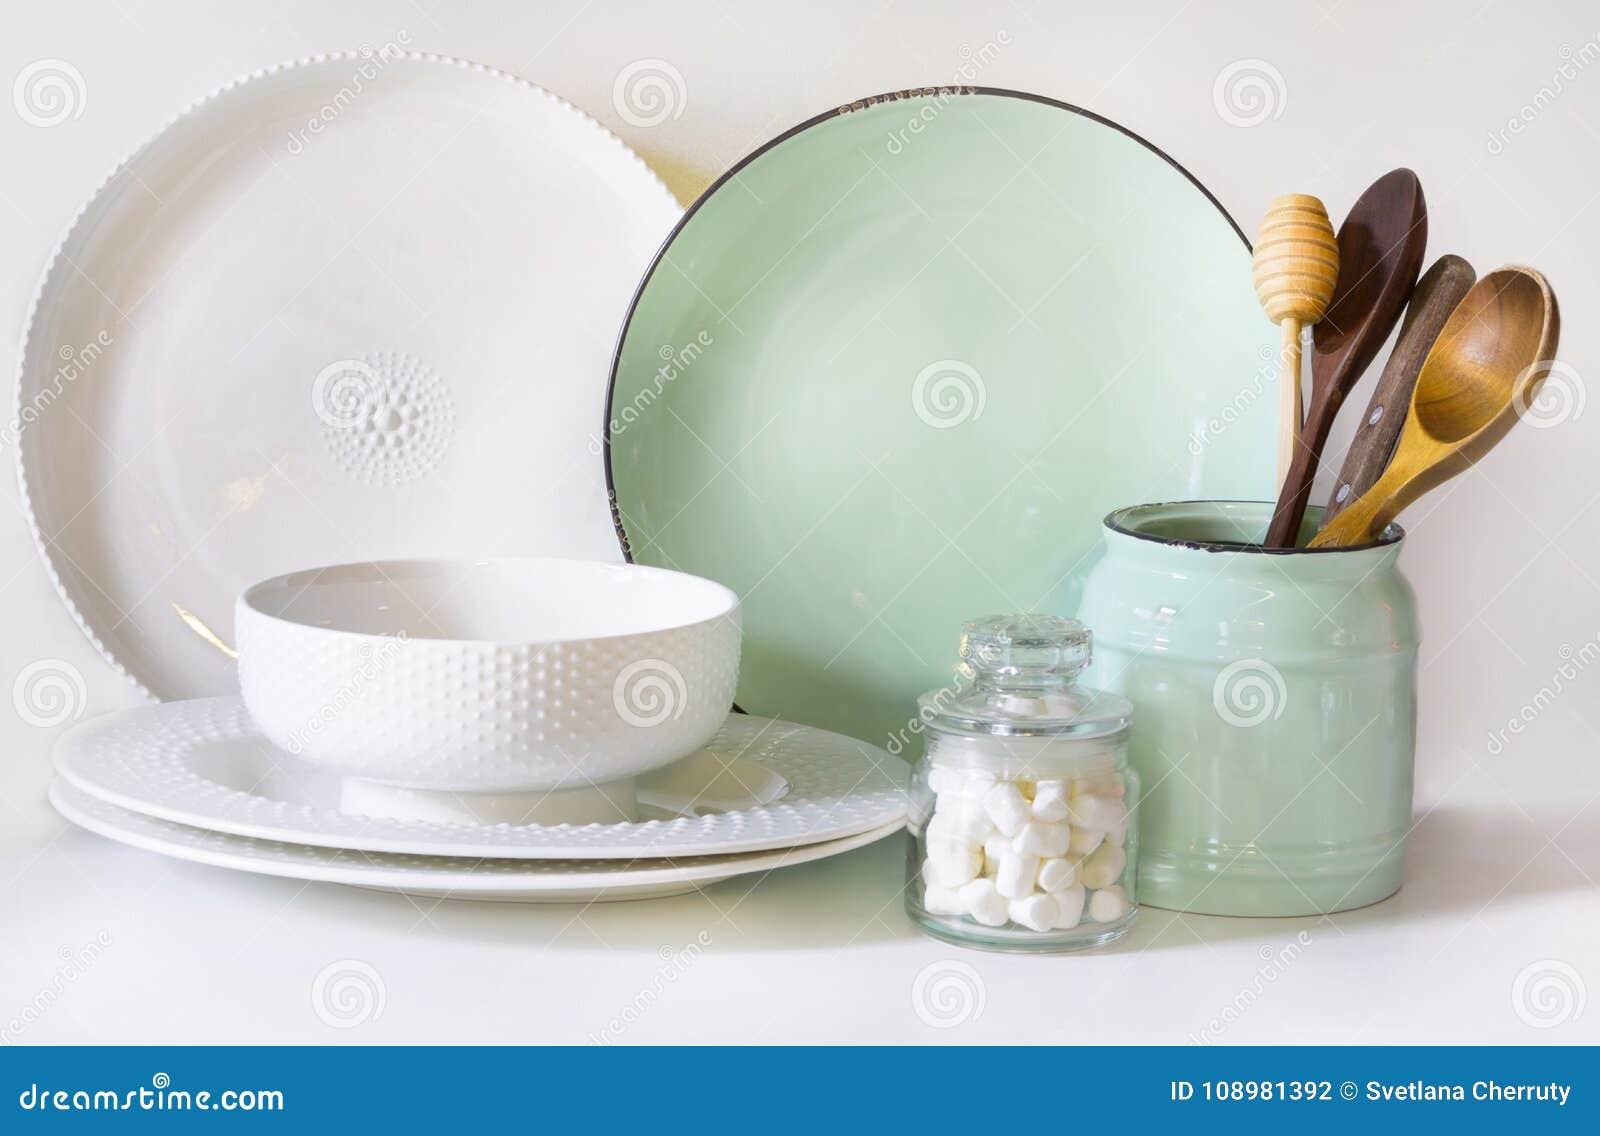 La loza, el vajilla, los utensilios y el otro diversos blanco y materia de la turquesa en tablero blanco Todavía de la cocina vid